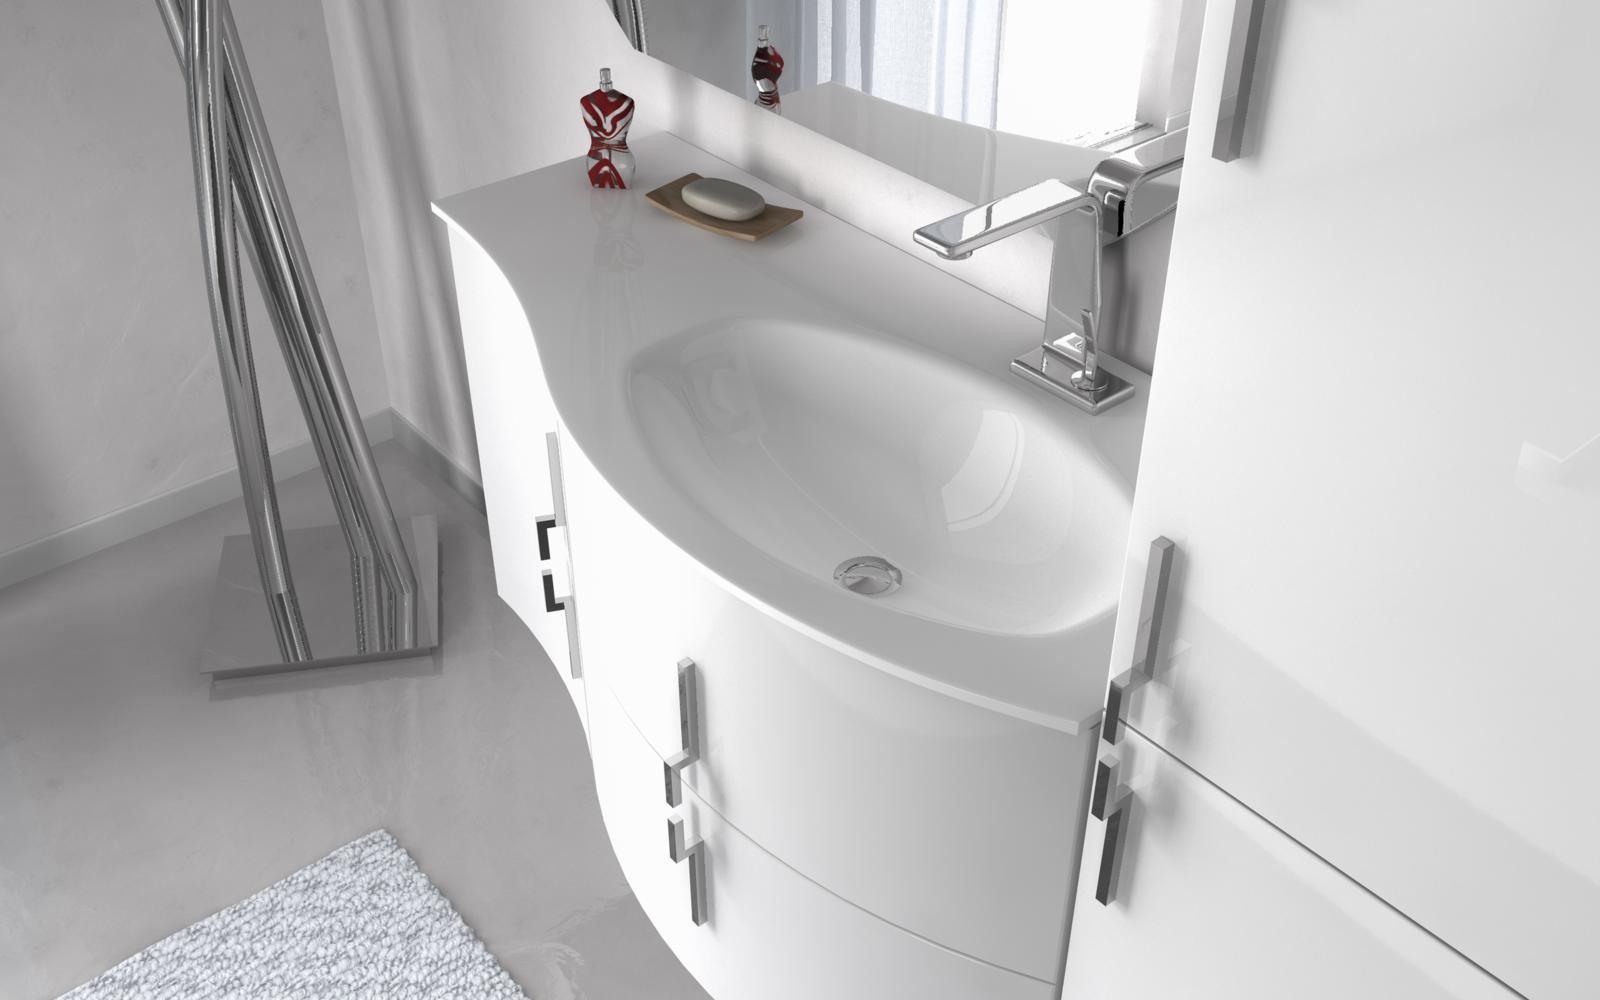 mobile bagno sting 4 colori 104cm arredo moderno curvo sospeso ... - Ebay Mobili Bagno Sospesi